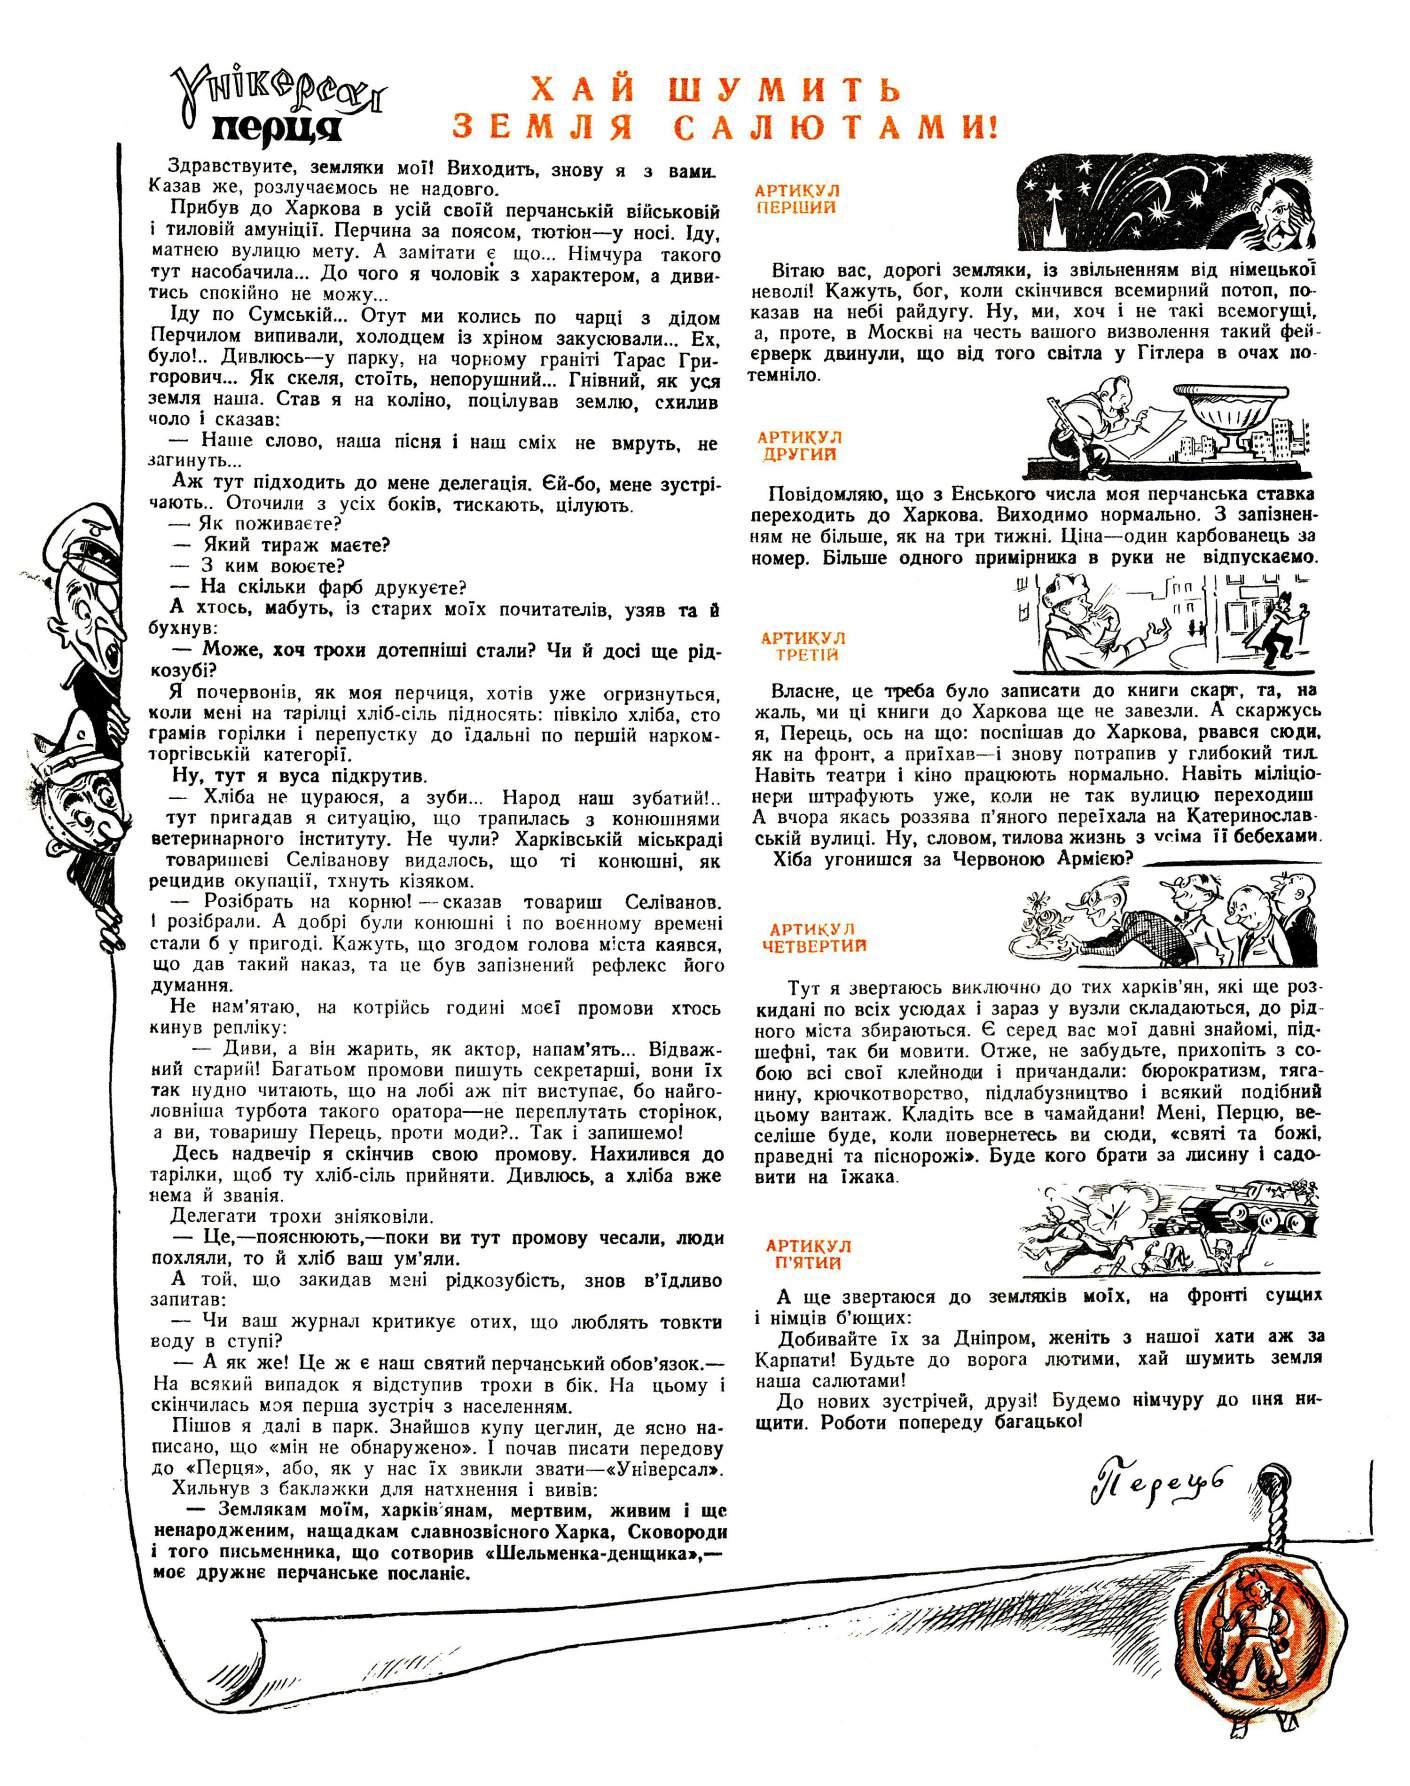 Журнал перець 1943 №25